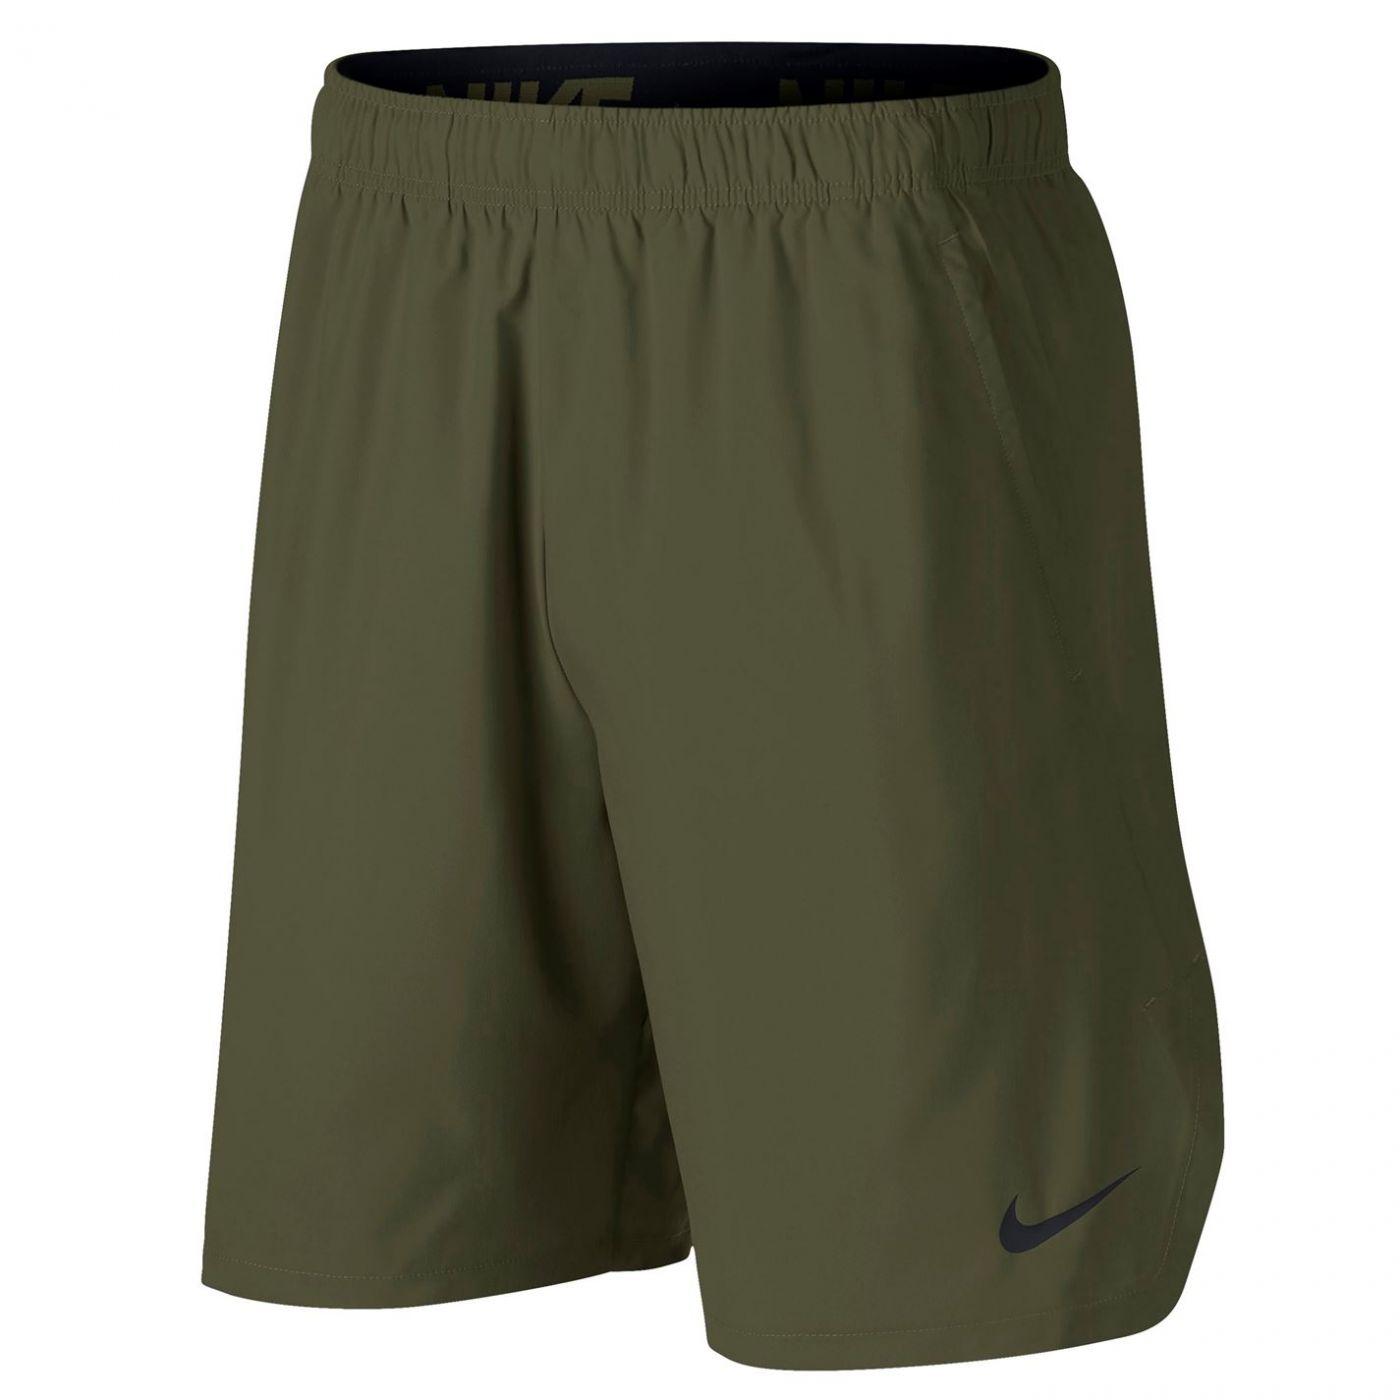 Nike Flex Wov Short Sn84